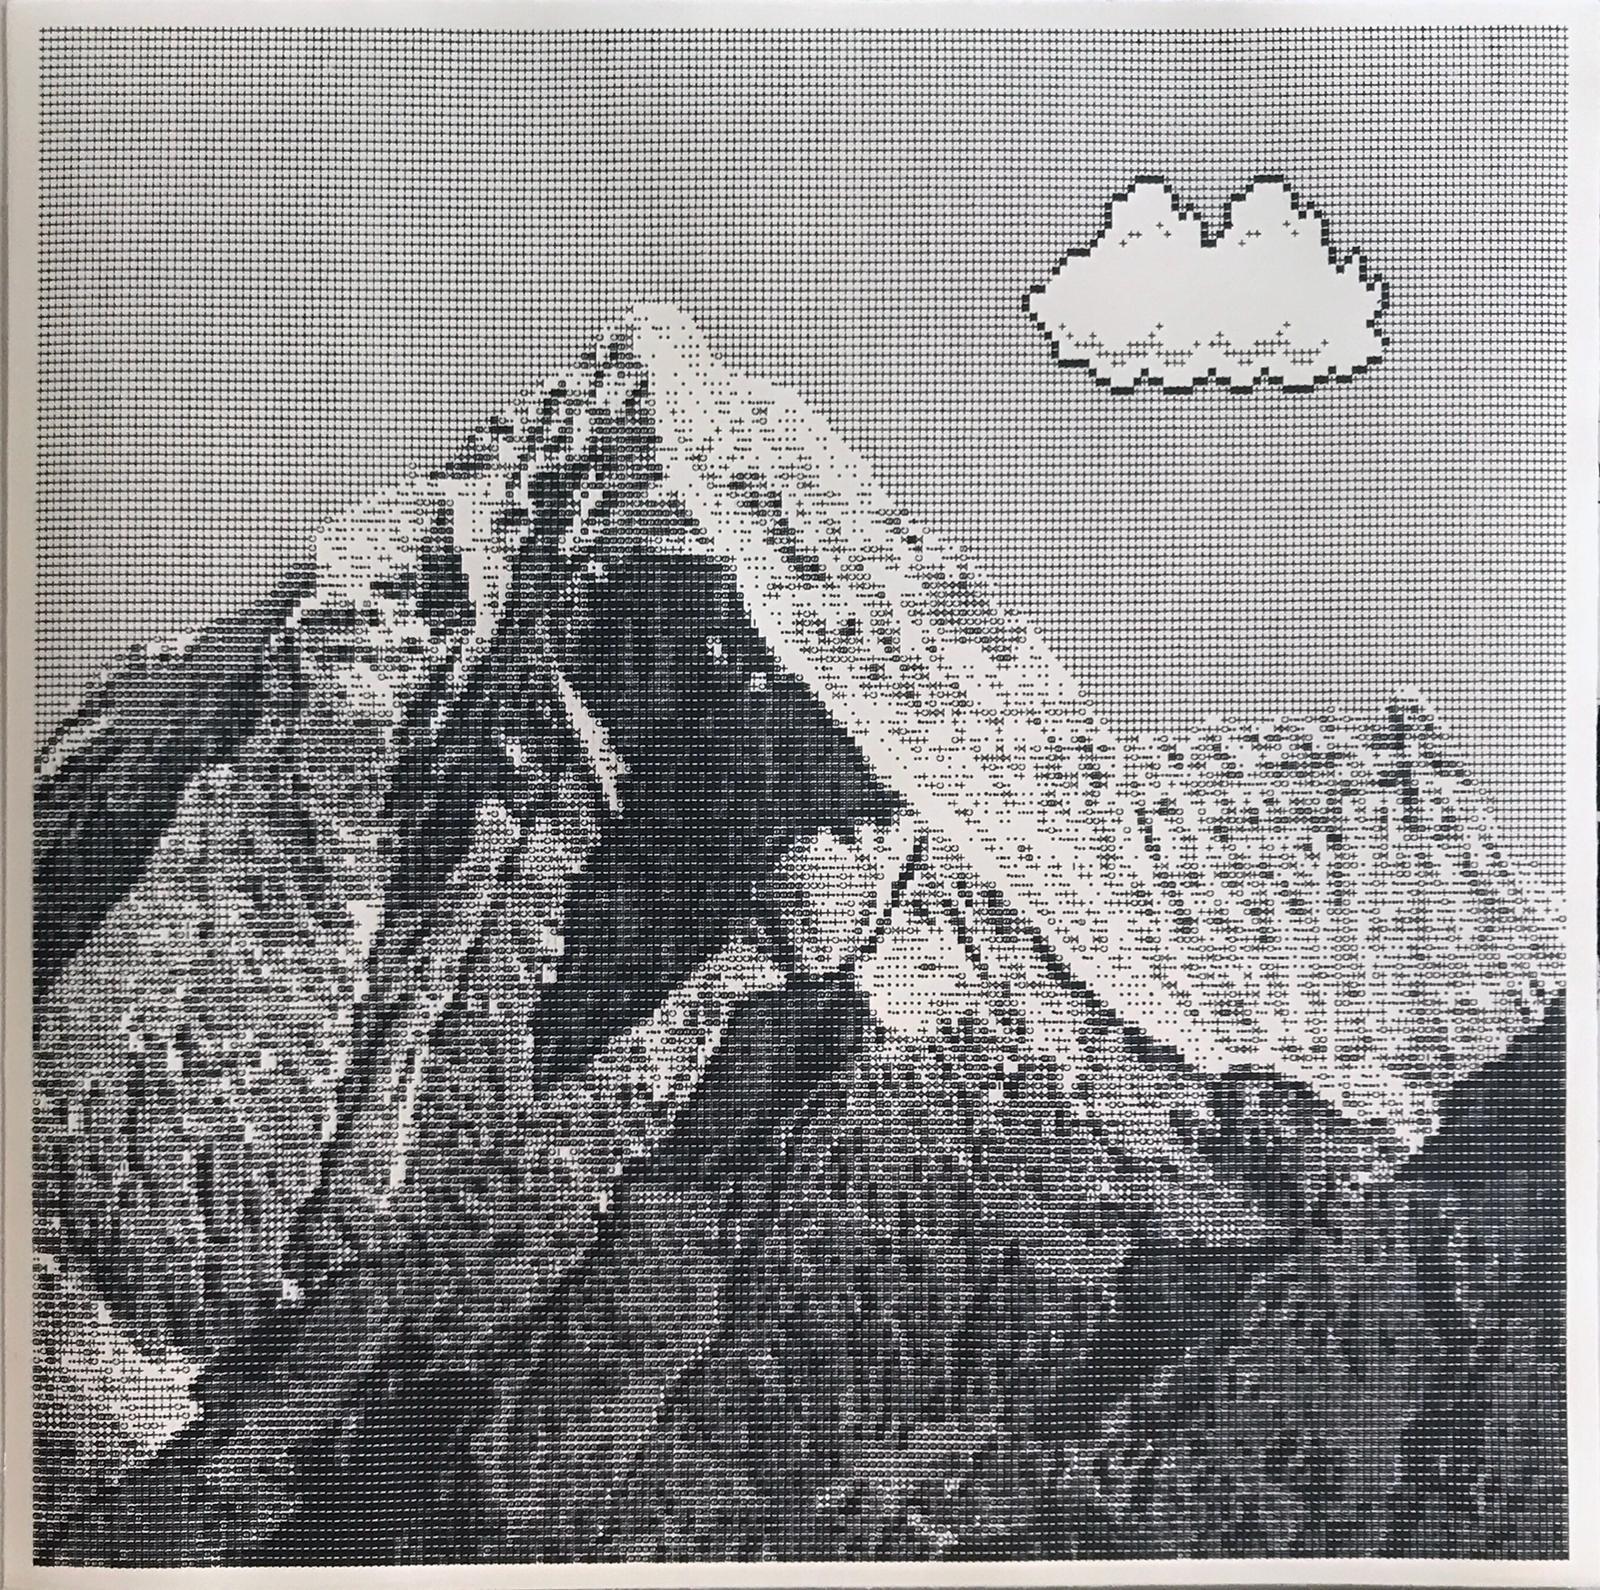 Arno Beck, 'Untitled', Schreibmaschinenzeichnung auf Japanpapier, 45 cm x 45 cm, 2017-18